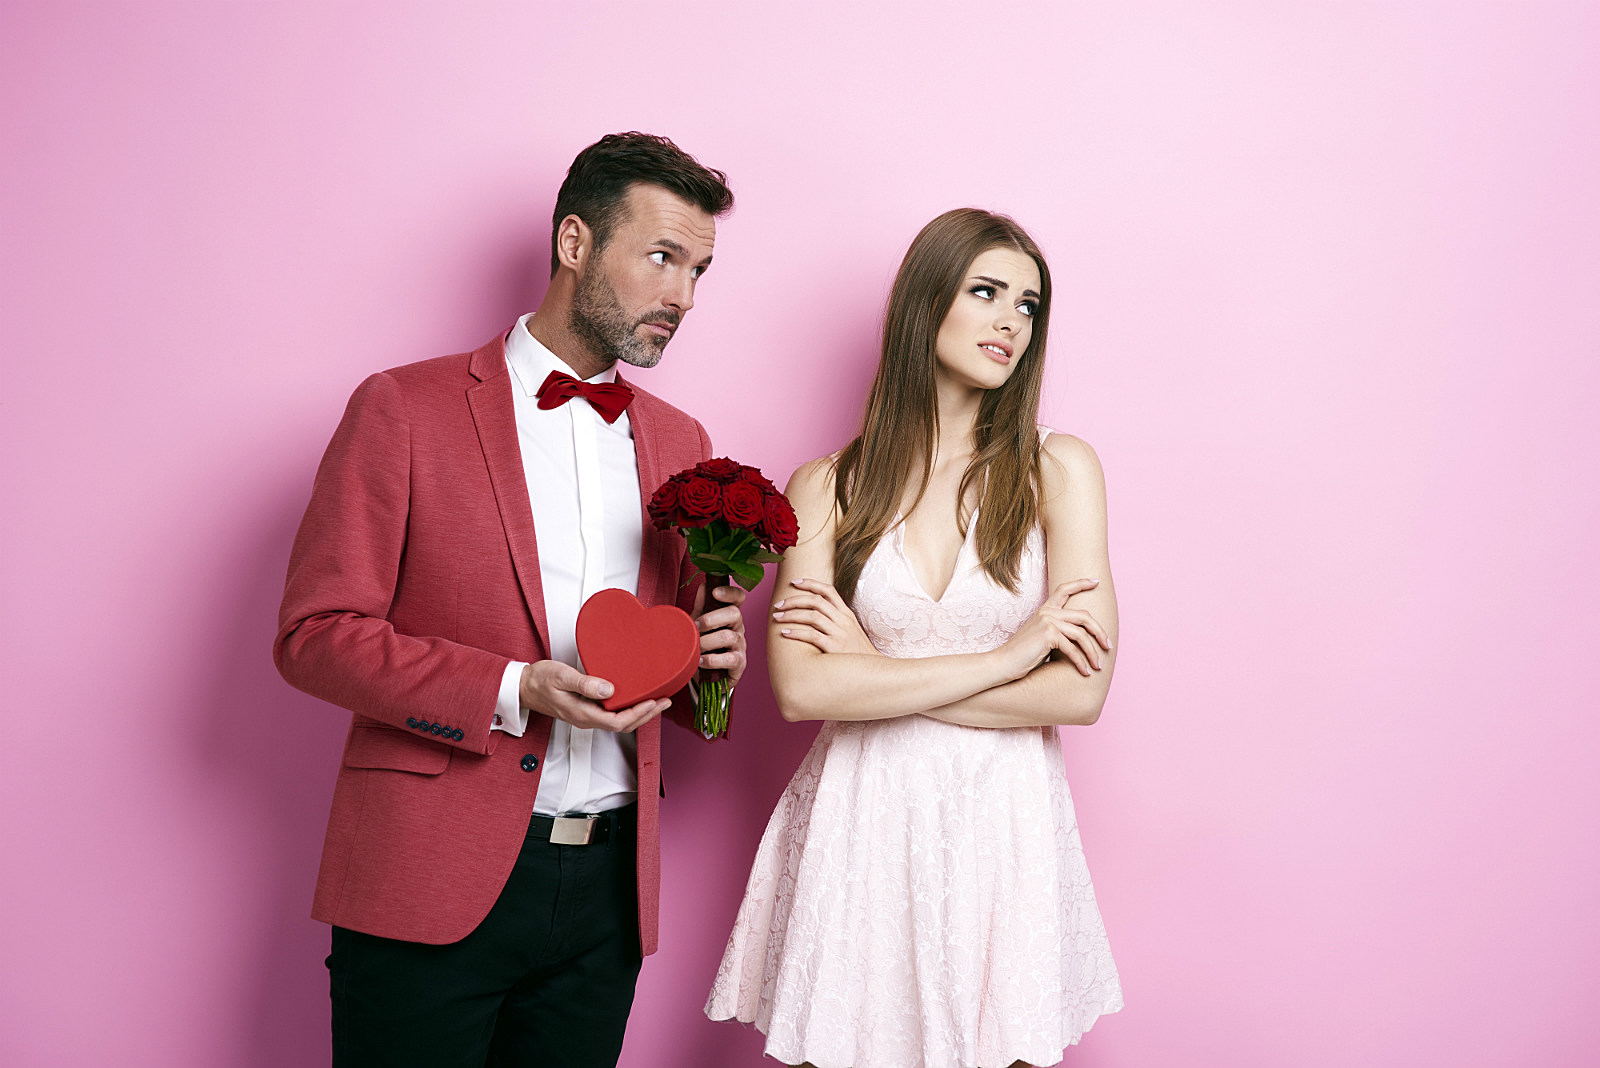 Profesjonell dating tjeneste i wyoming Destine implinite ep 229 online dating.